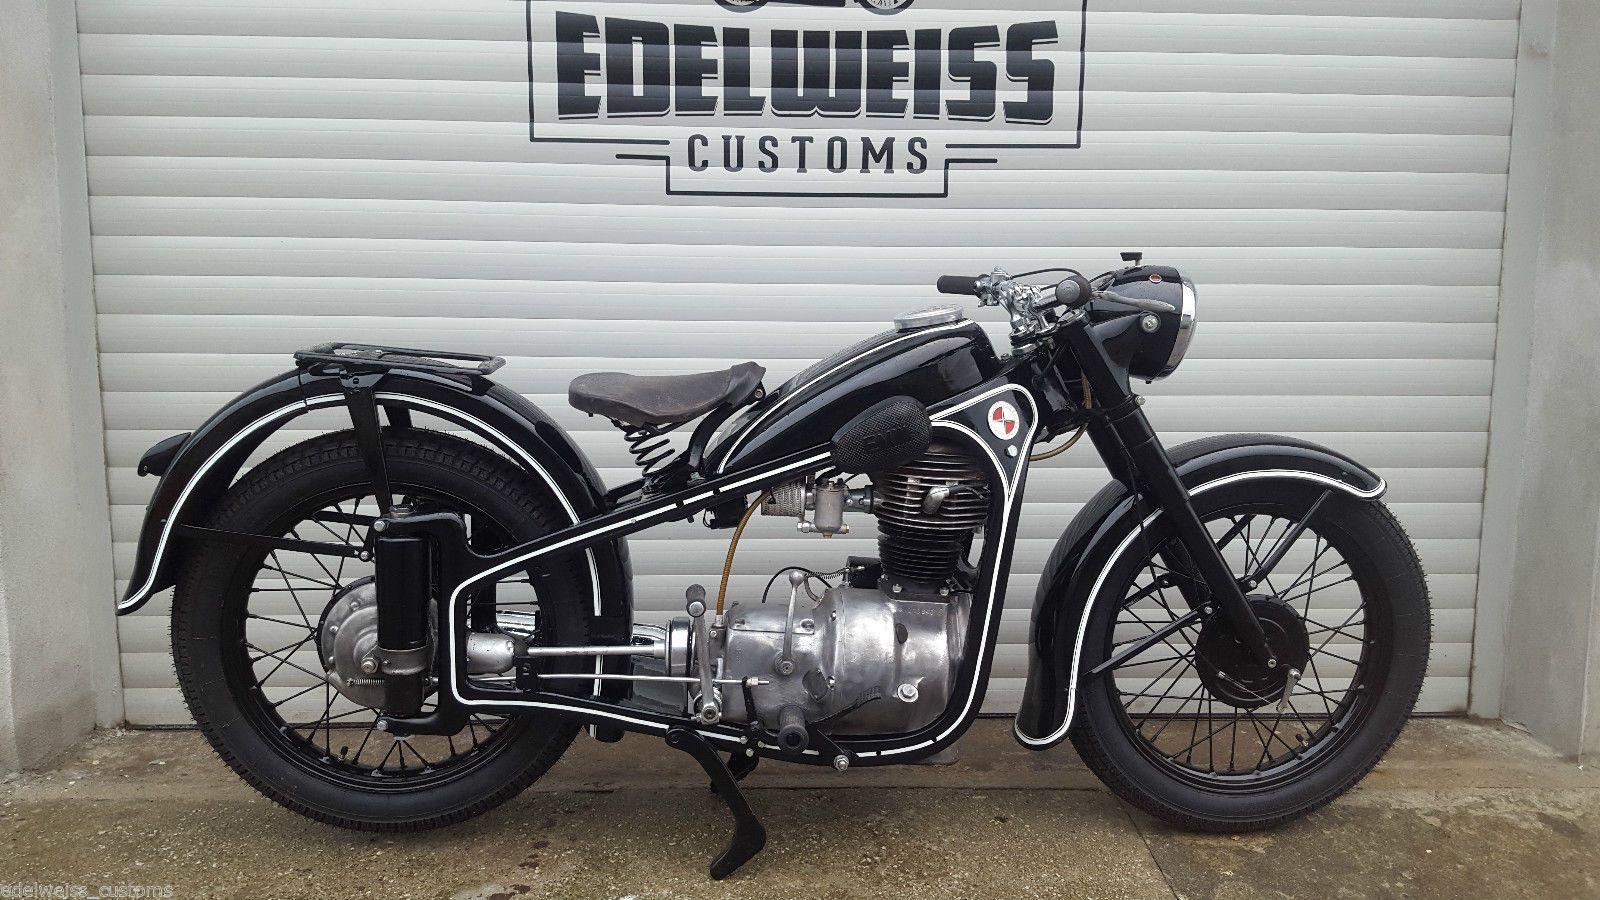 EMW R35 - restauriert, schöner Oldtimer | eBay | EMW R35